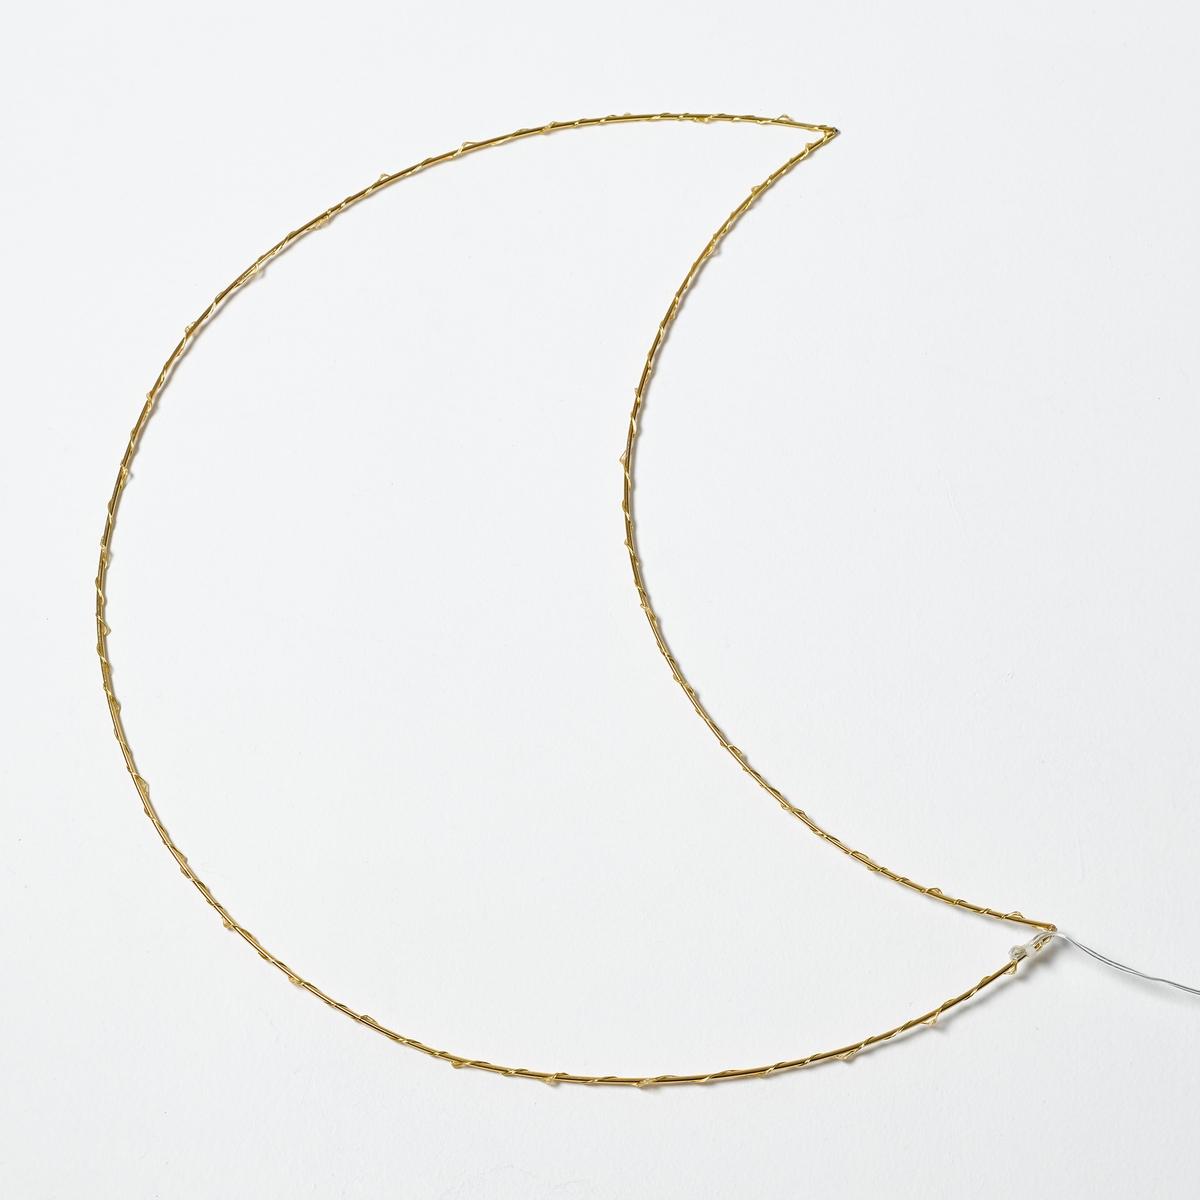 Светодиодный светильник в форме луны OmaraLa Redoute<br>Светильник Omara. Светящаяся гирлянда в форме луны. Поэтичный и декоративный светильник понравится малышам.Характеристики :- 40 миниатюрных светодиодов, 3 В, на металлическом кабеле- Не нагревается- Несменные лампы- Поставляется с адаптером 220 В, длина провода 3 м. - Без выключателя   Размеры :- Ш.27 x В.56 x Г.0,5 см.<br><br>Цвет: латунь<br>Размер: единый размер